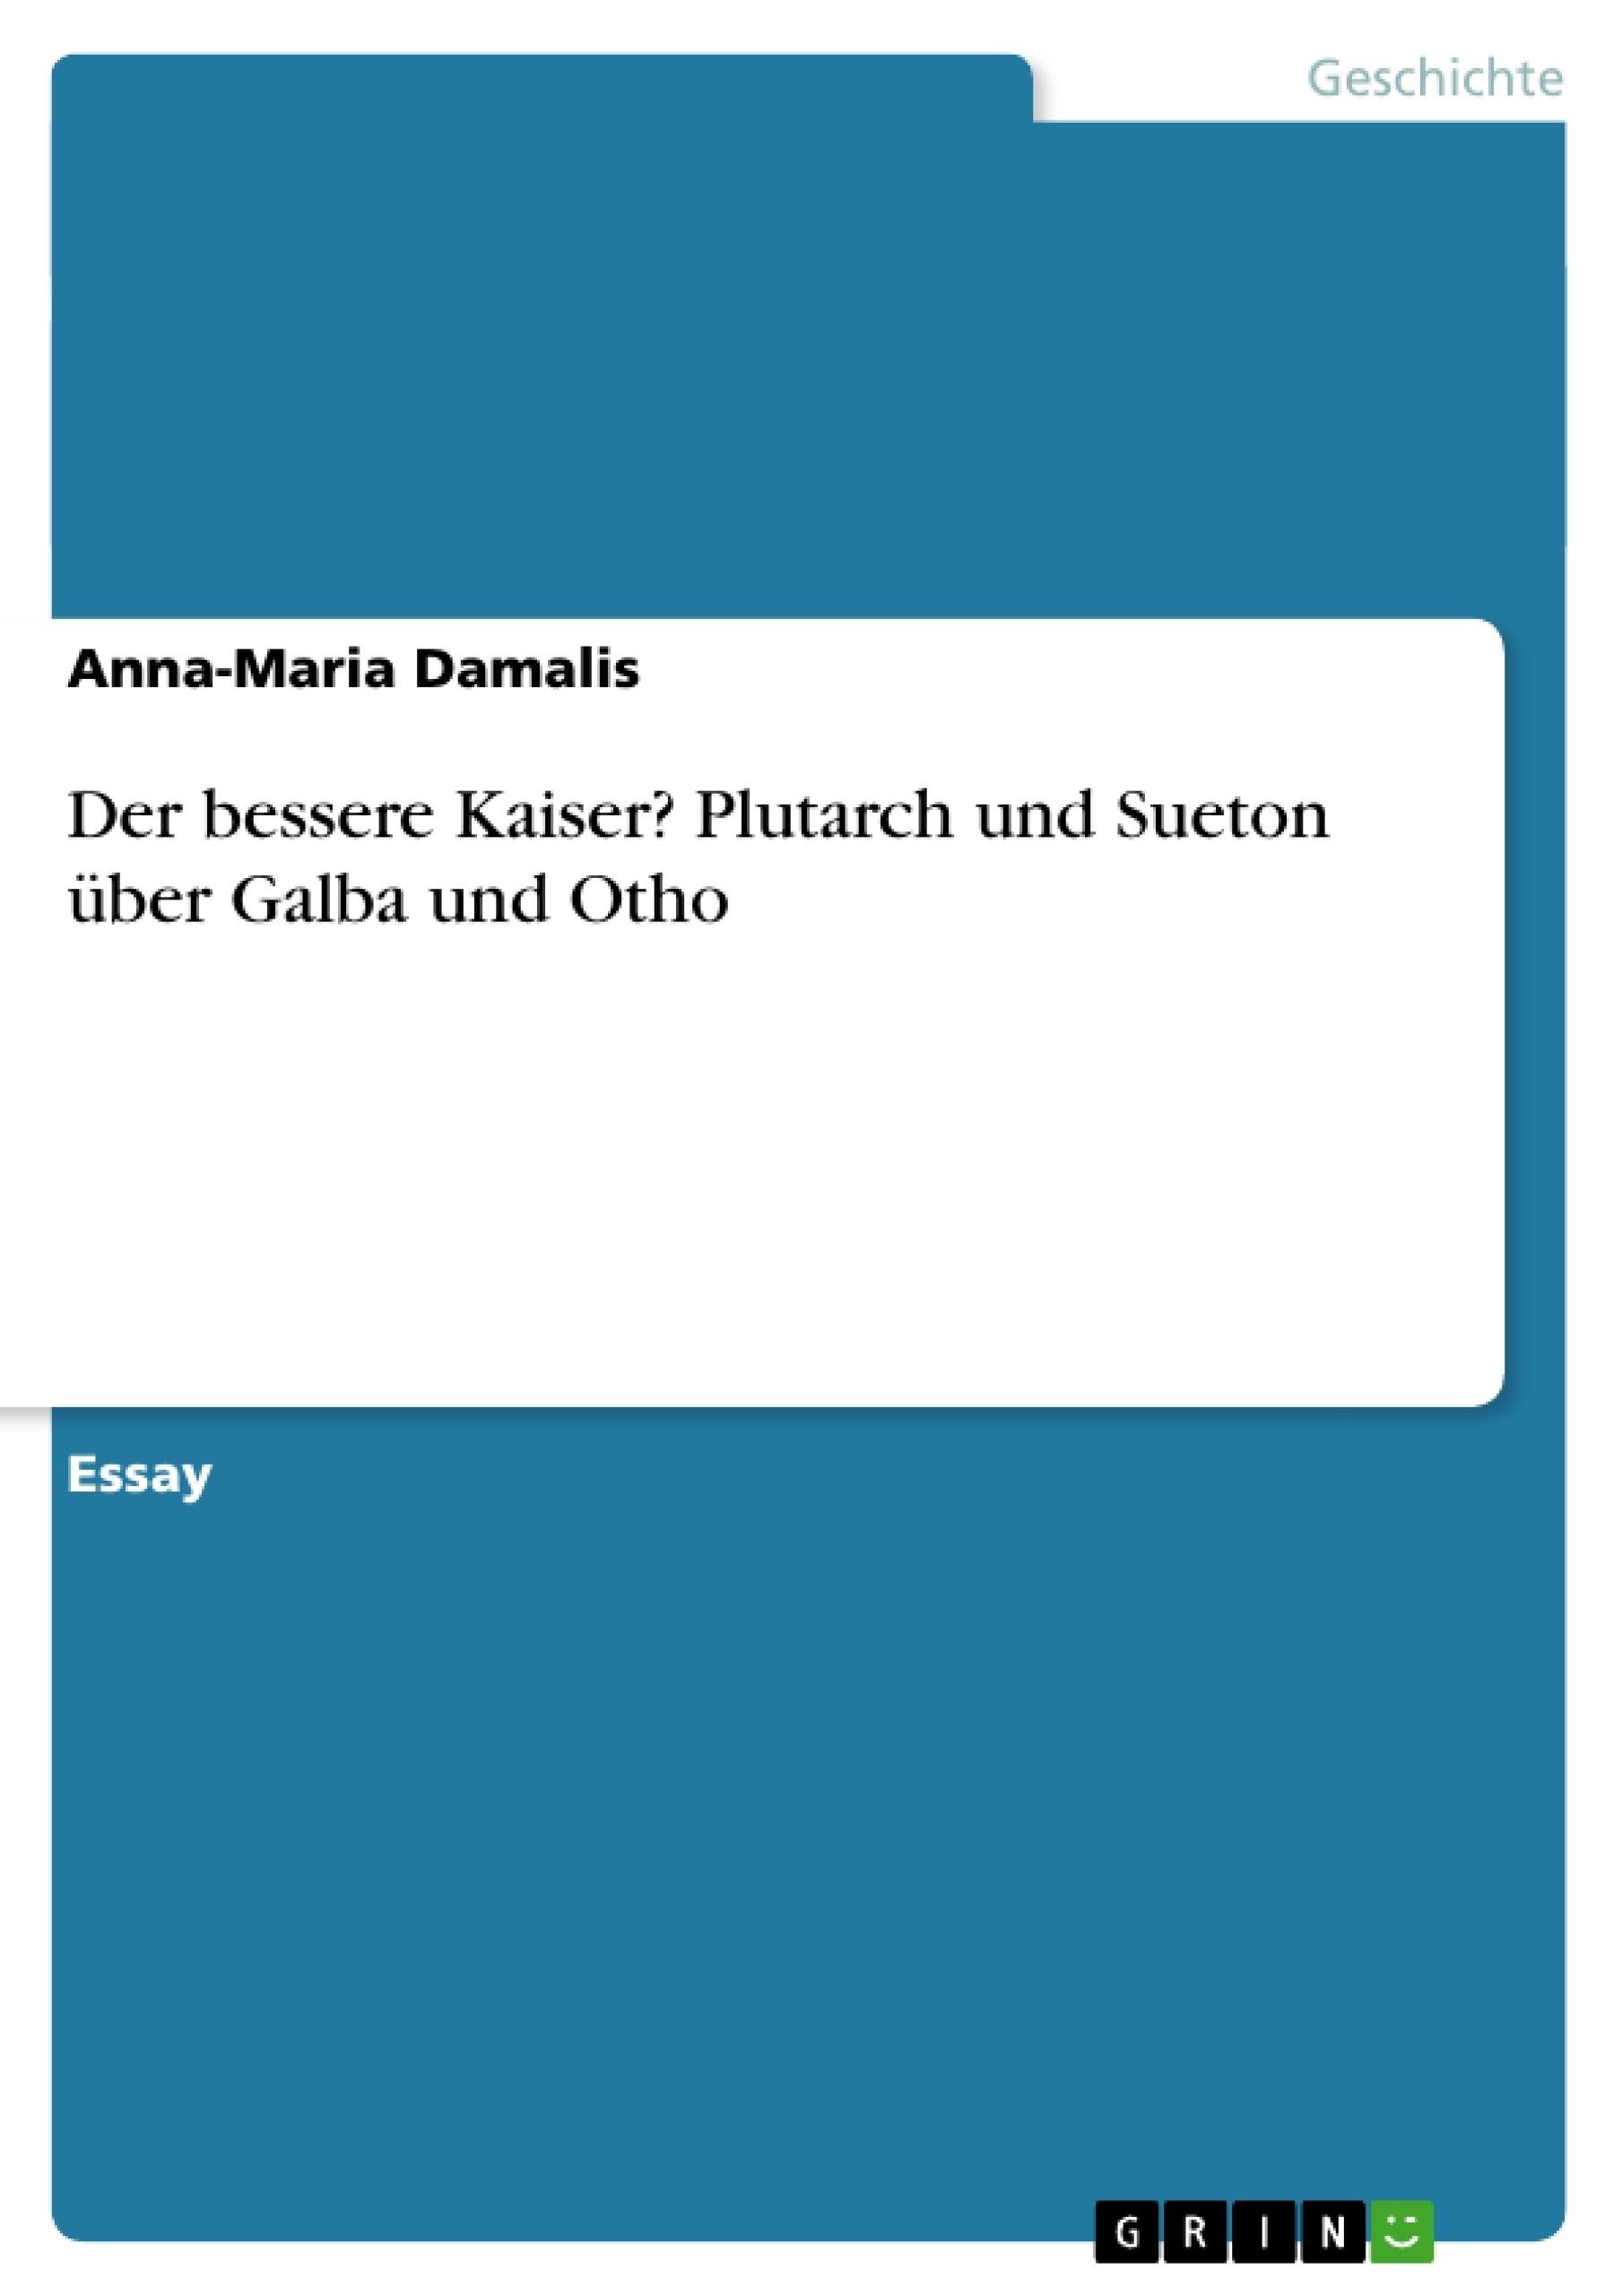 Titel: Der bessere Kaiser? Plutarch und Sueton über Galba und Otho